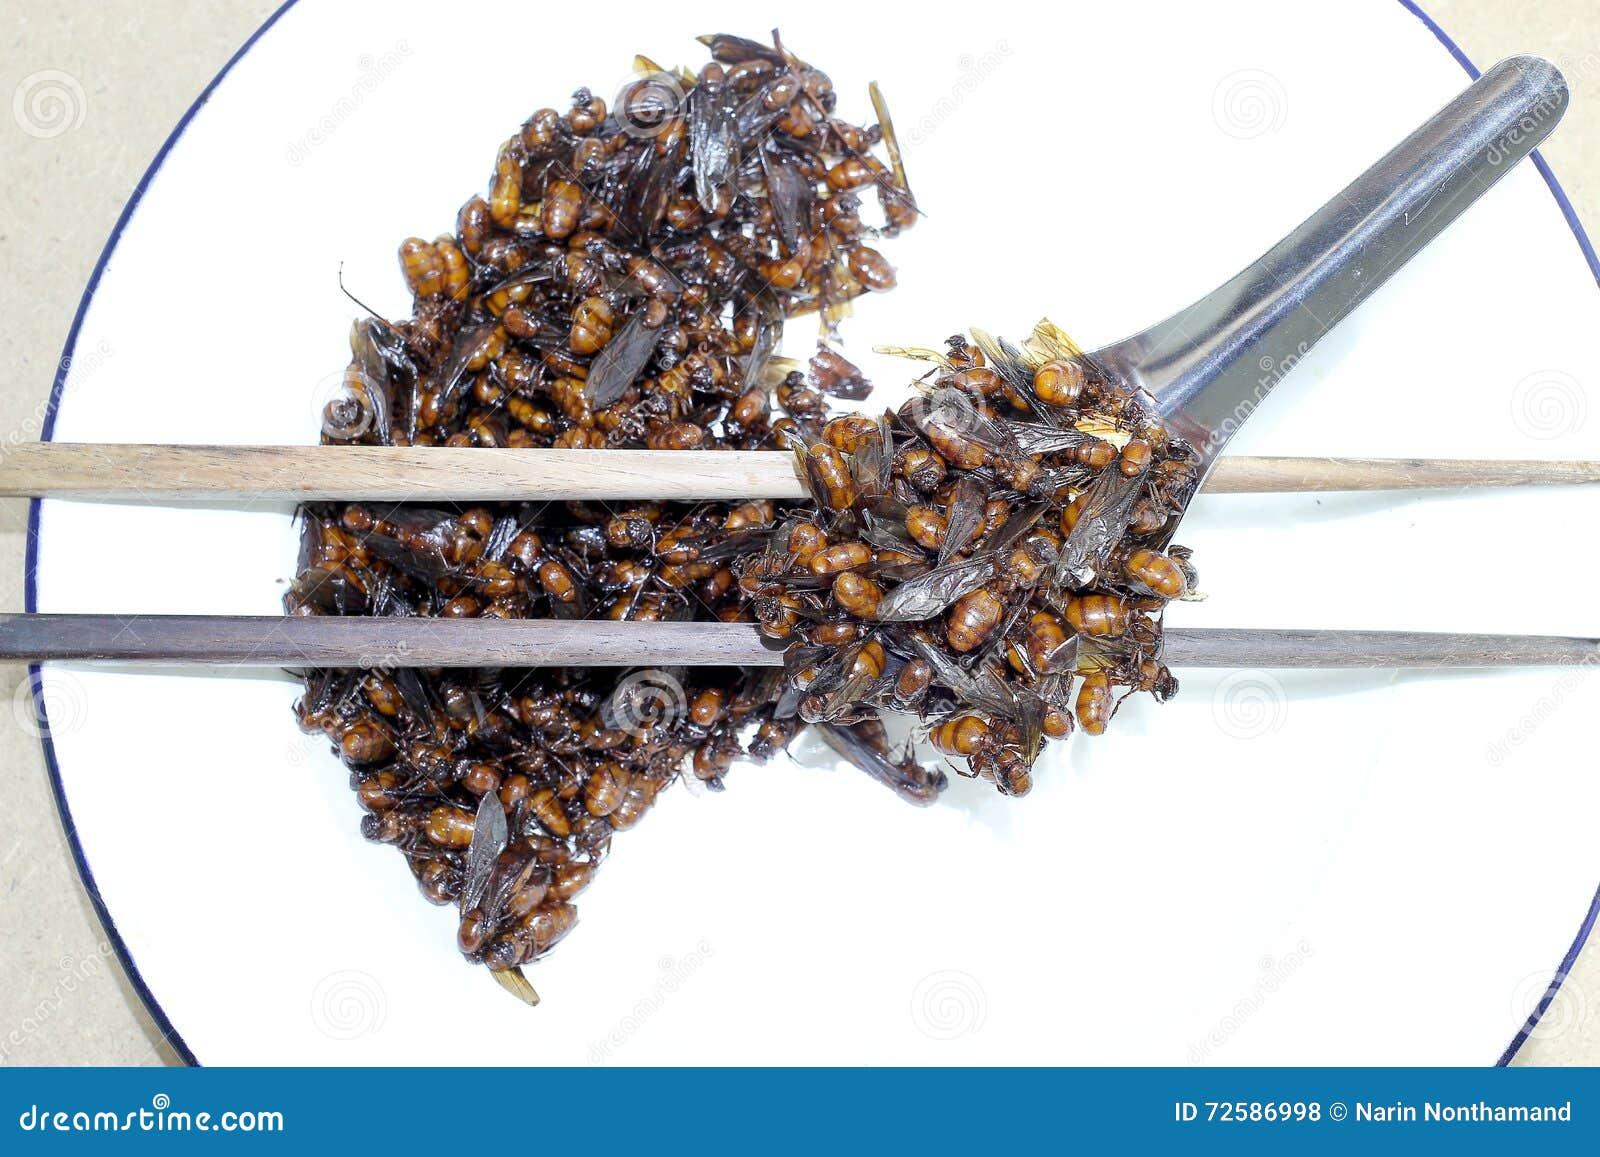 kleine ameisen in der kche kcheninsel fr kleine kche with kleine ameisen in der kche kleine. Black Bedroom Furniture Sets. Home Design Ideas